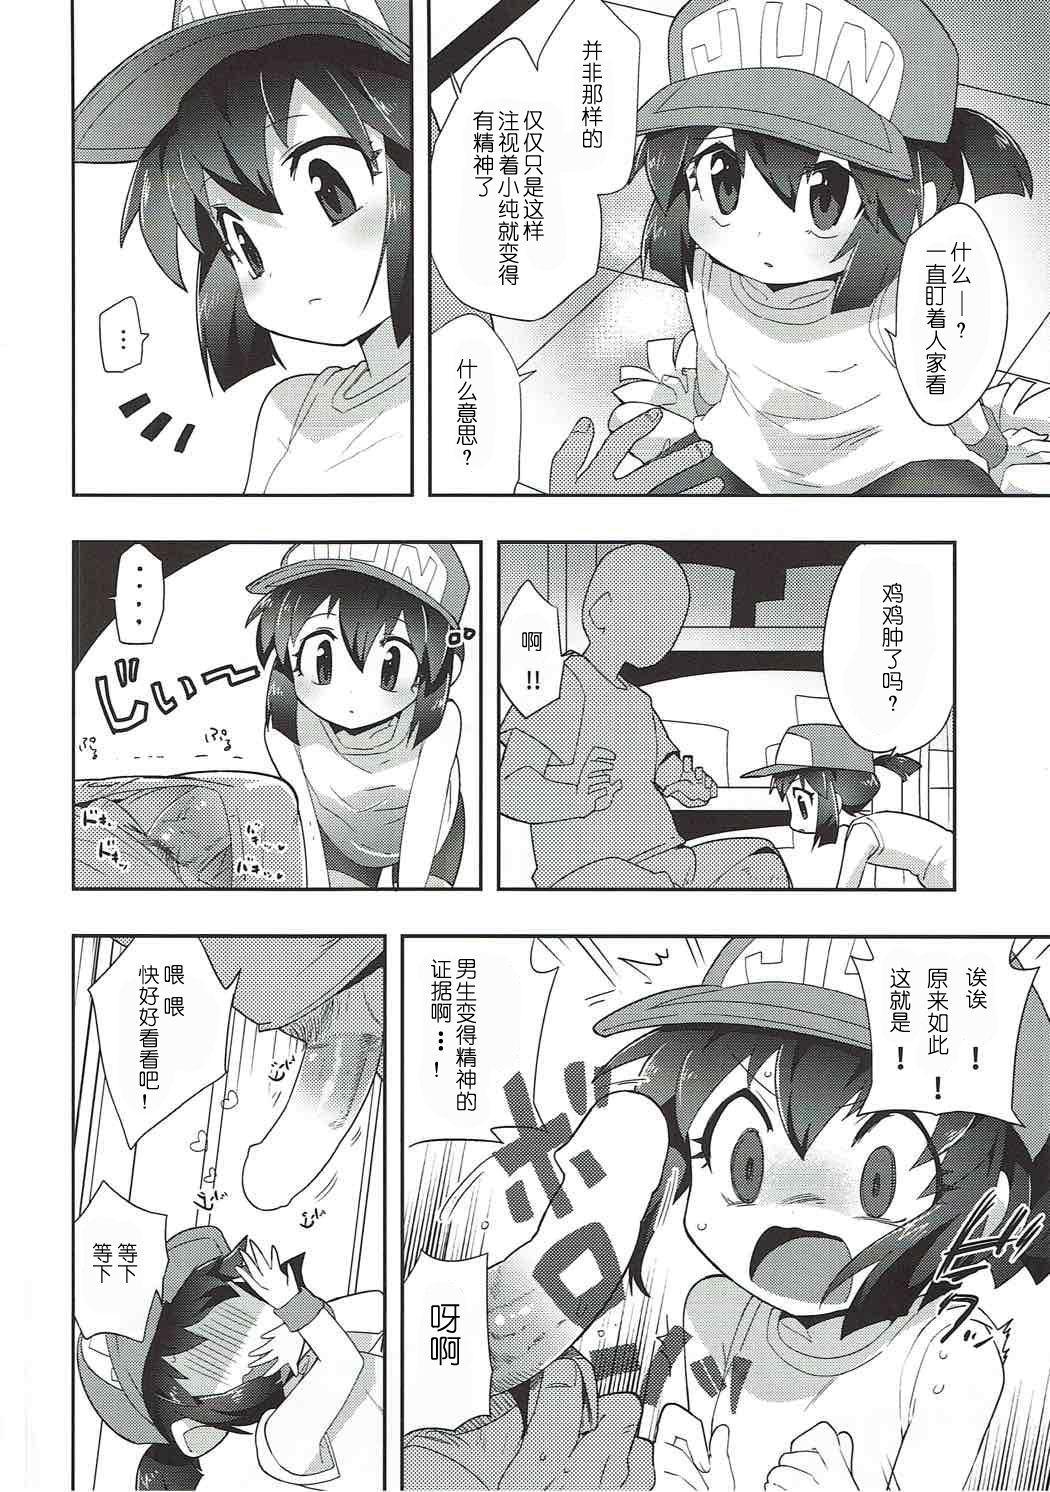 Genki ga Areba Nandemo Dekiru! 6